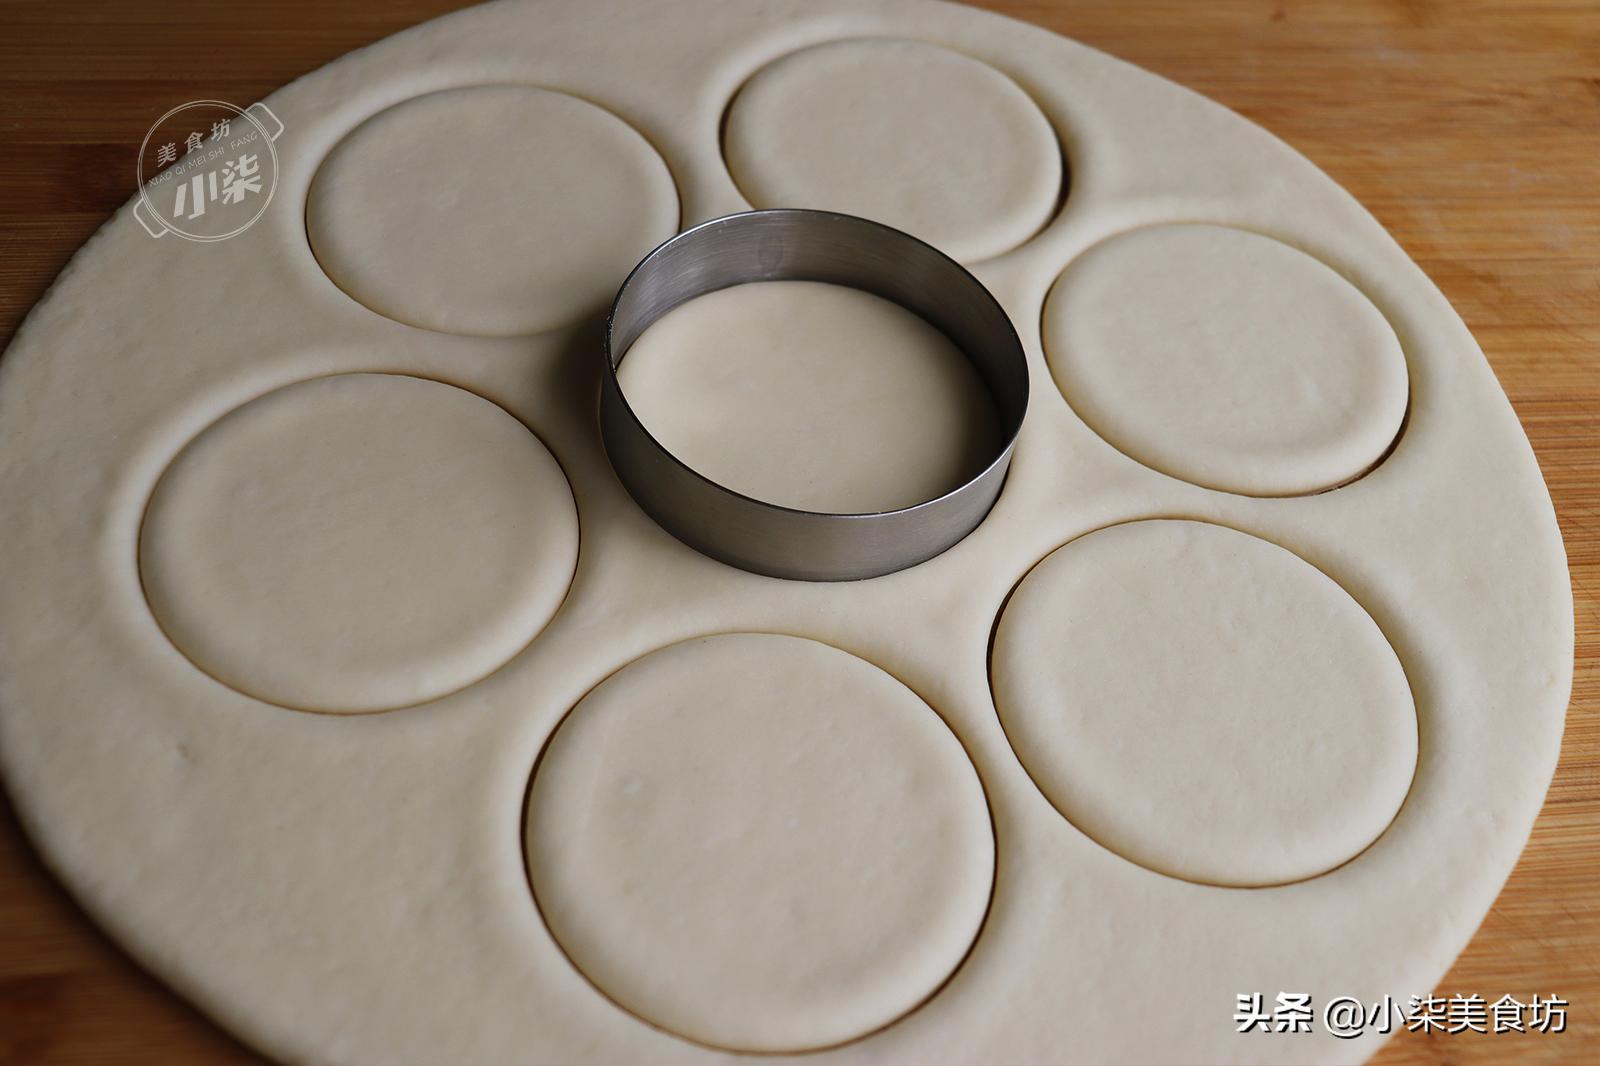 奶香小餅做法,掌握這2個烙制技巧,柔軟香甜,老人孩子都喜歡